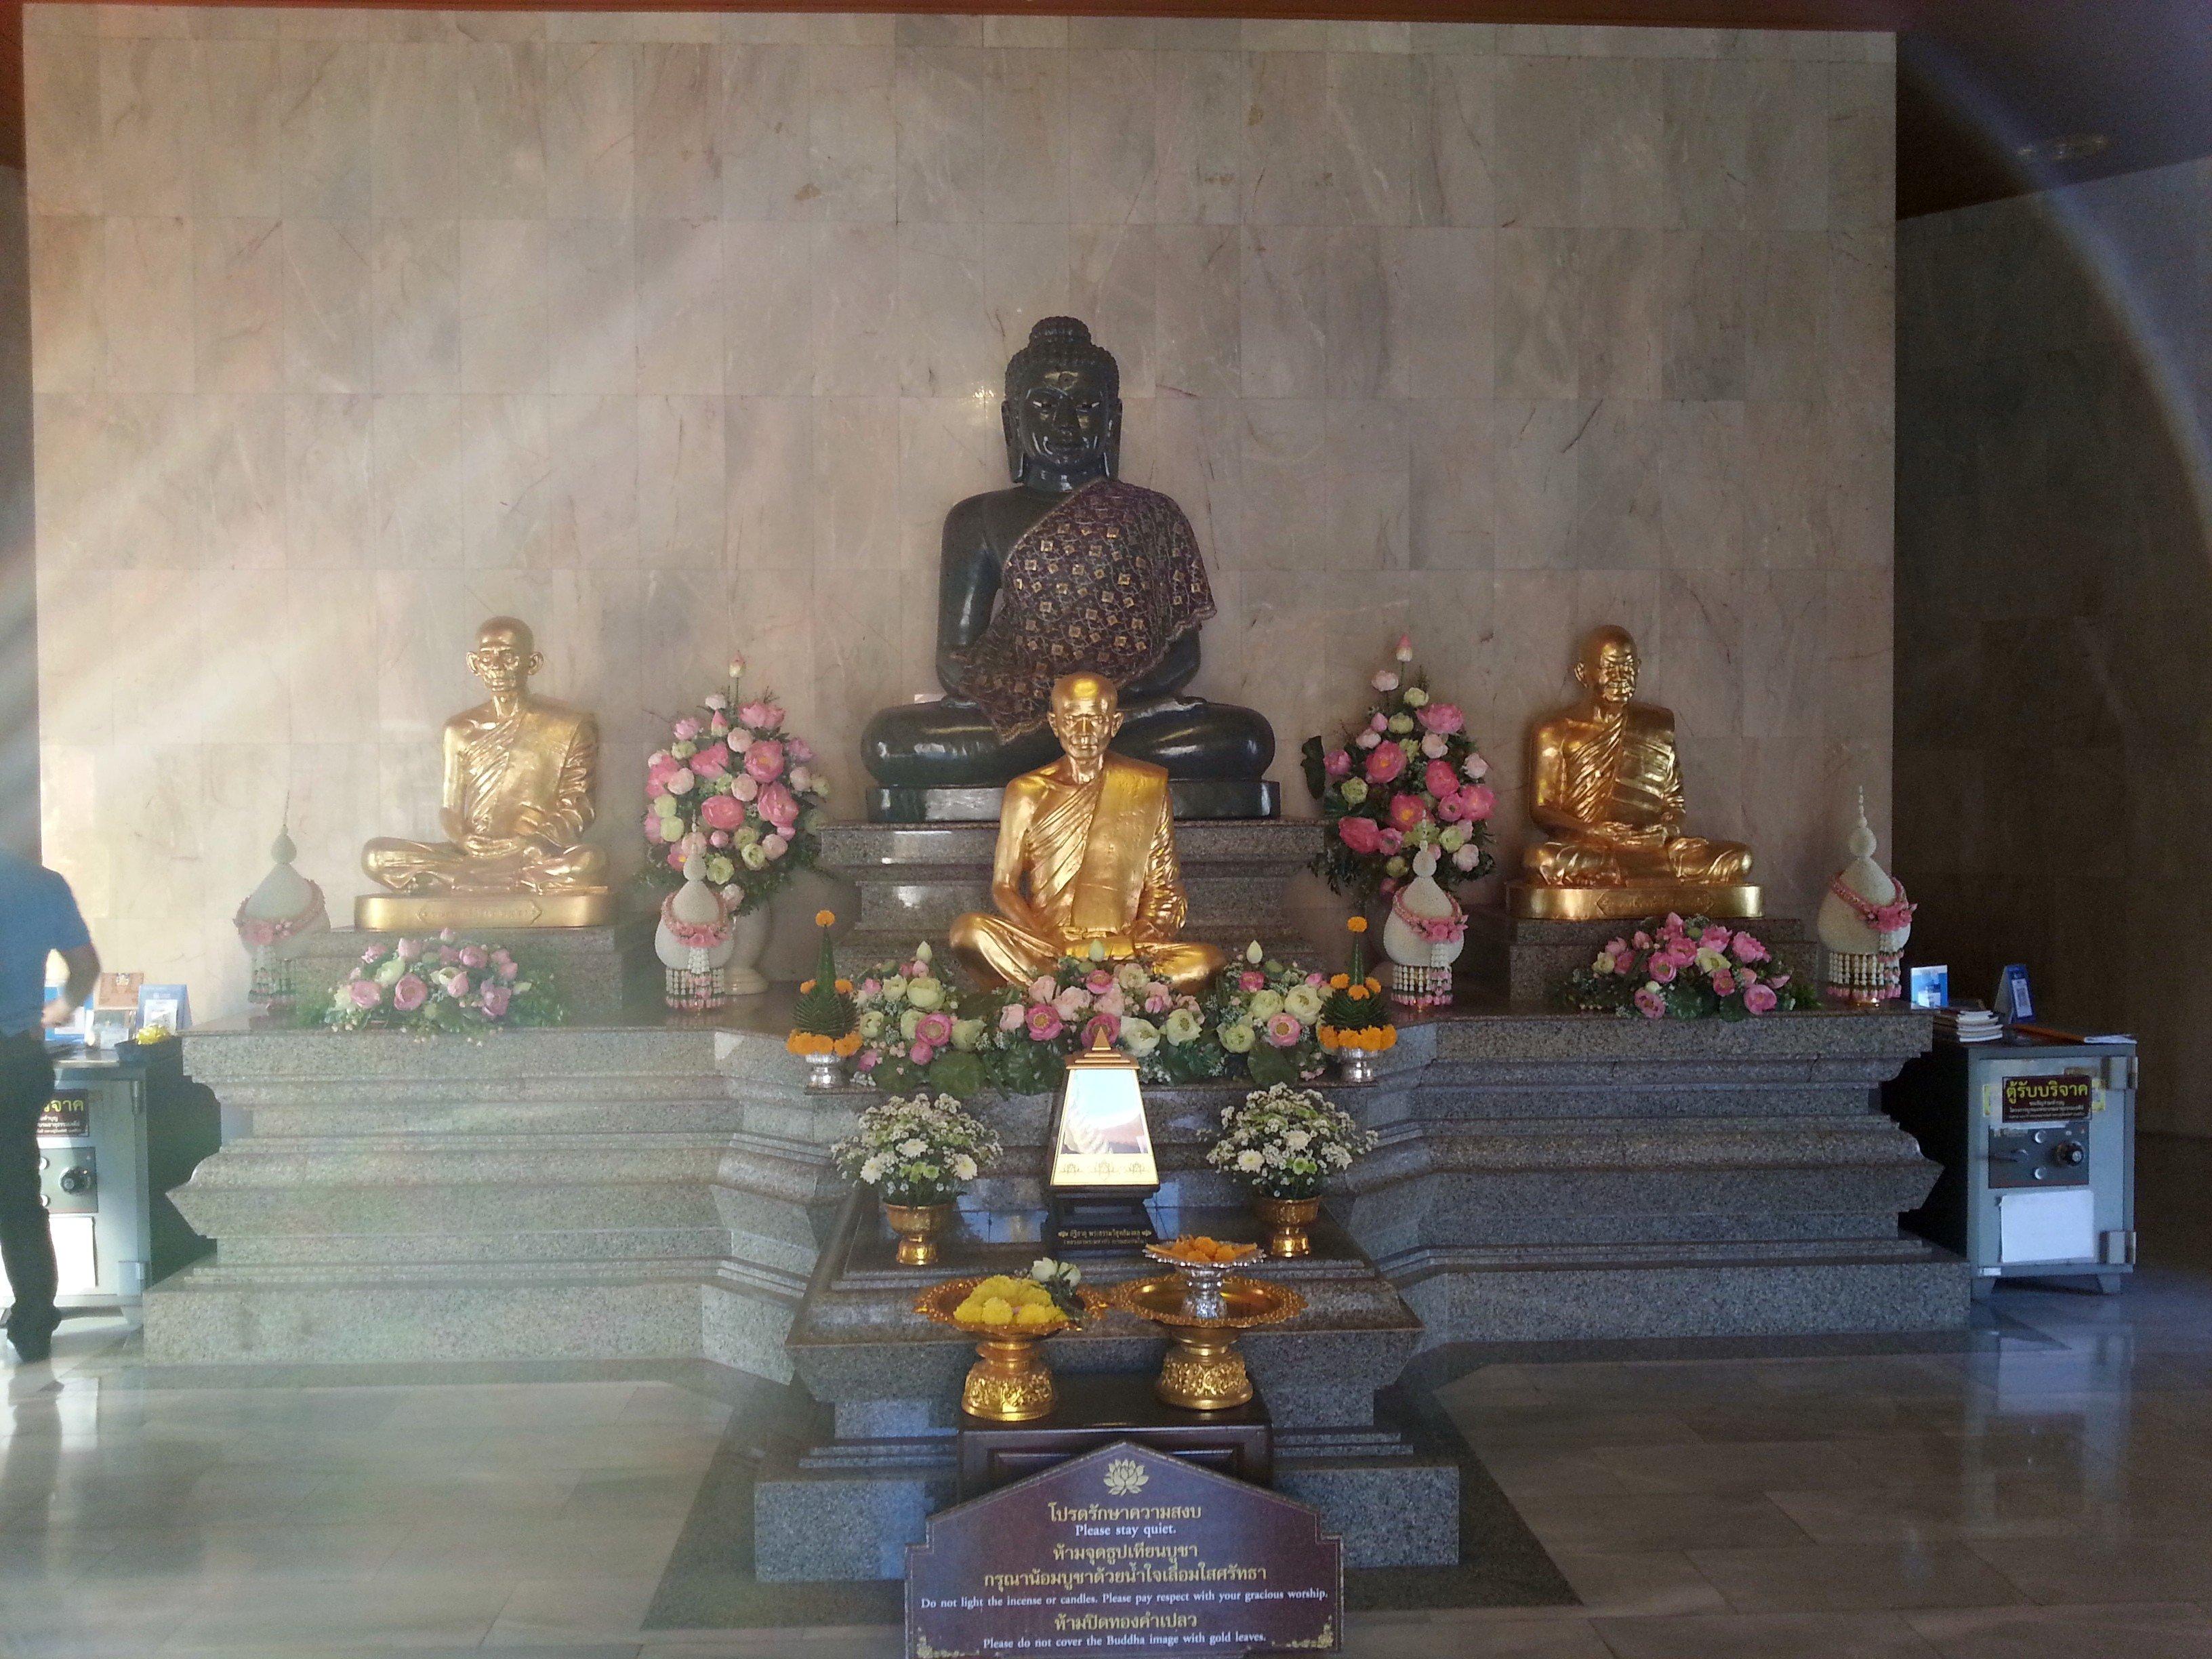 Monk statues at Wat Pothisomphon